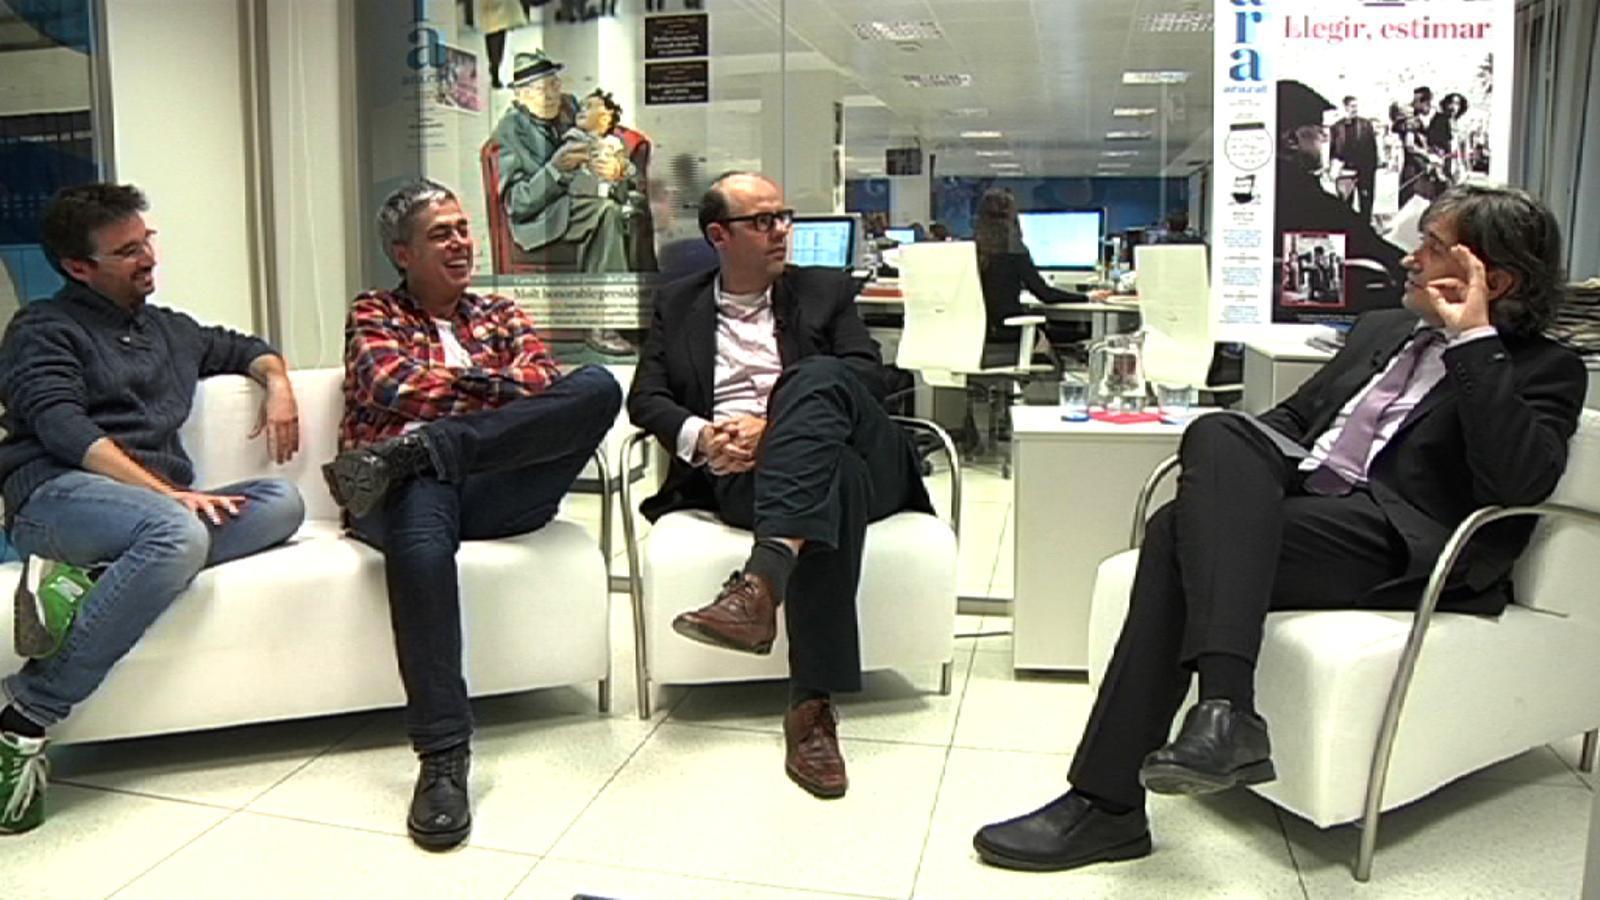 Conversa Basté-Évole-Om: Aquesta generació nostra ha de trencar les barreres entre grups mediàtics